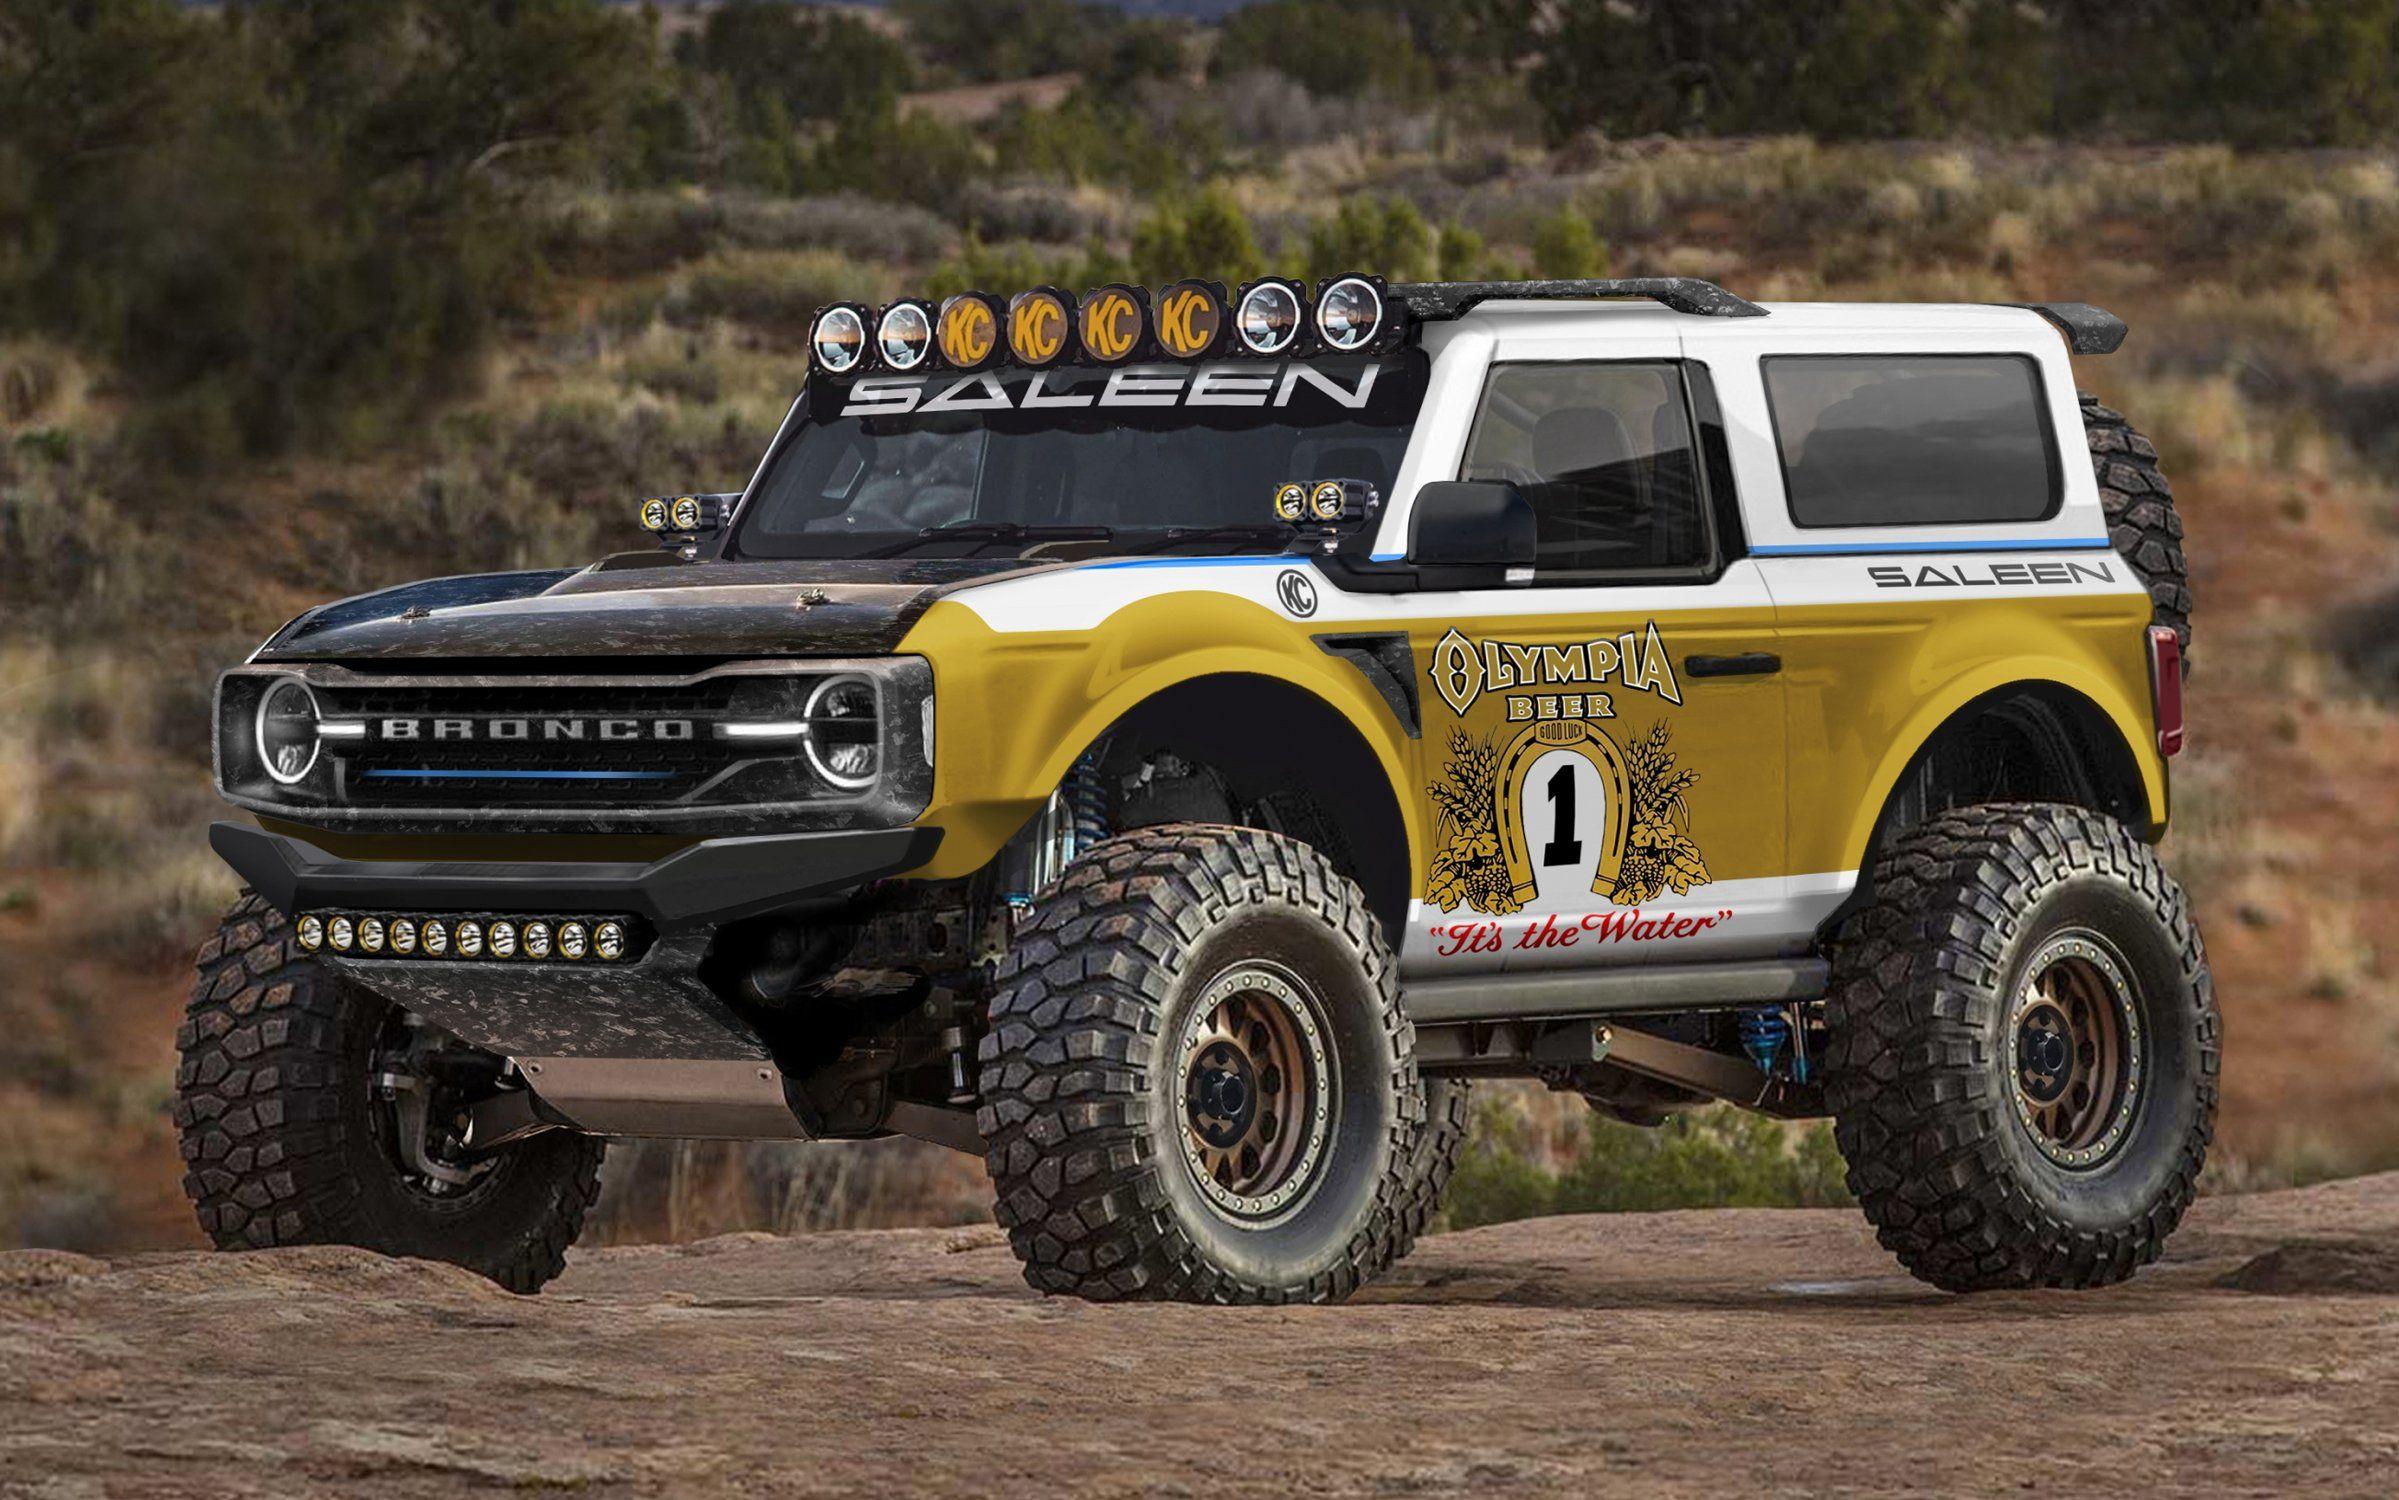 Saleen Big Oly Bronco in 2020 Ford bronco, Bronco, Baja 1000